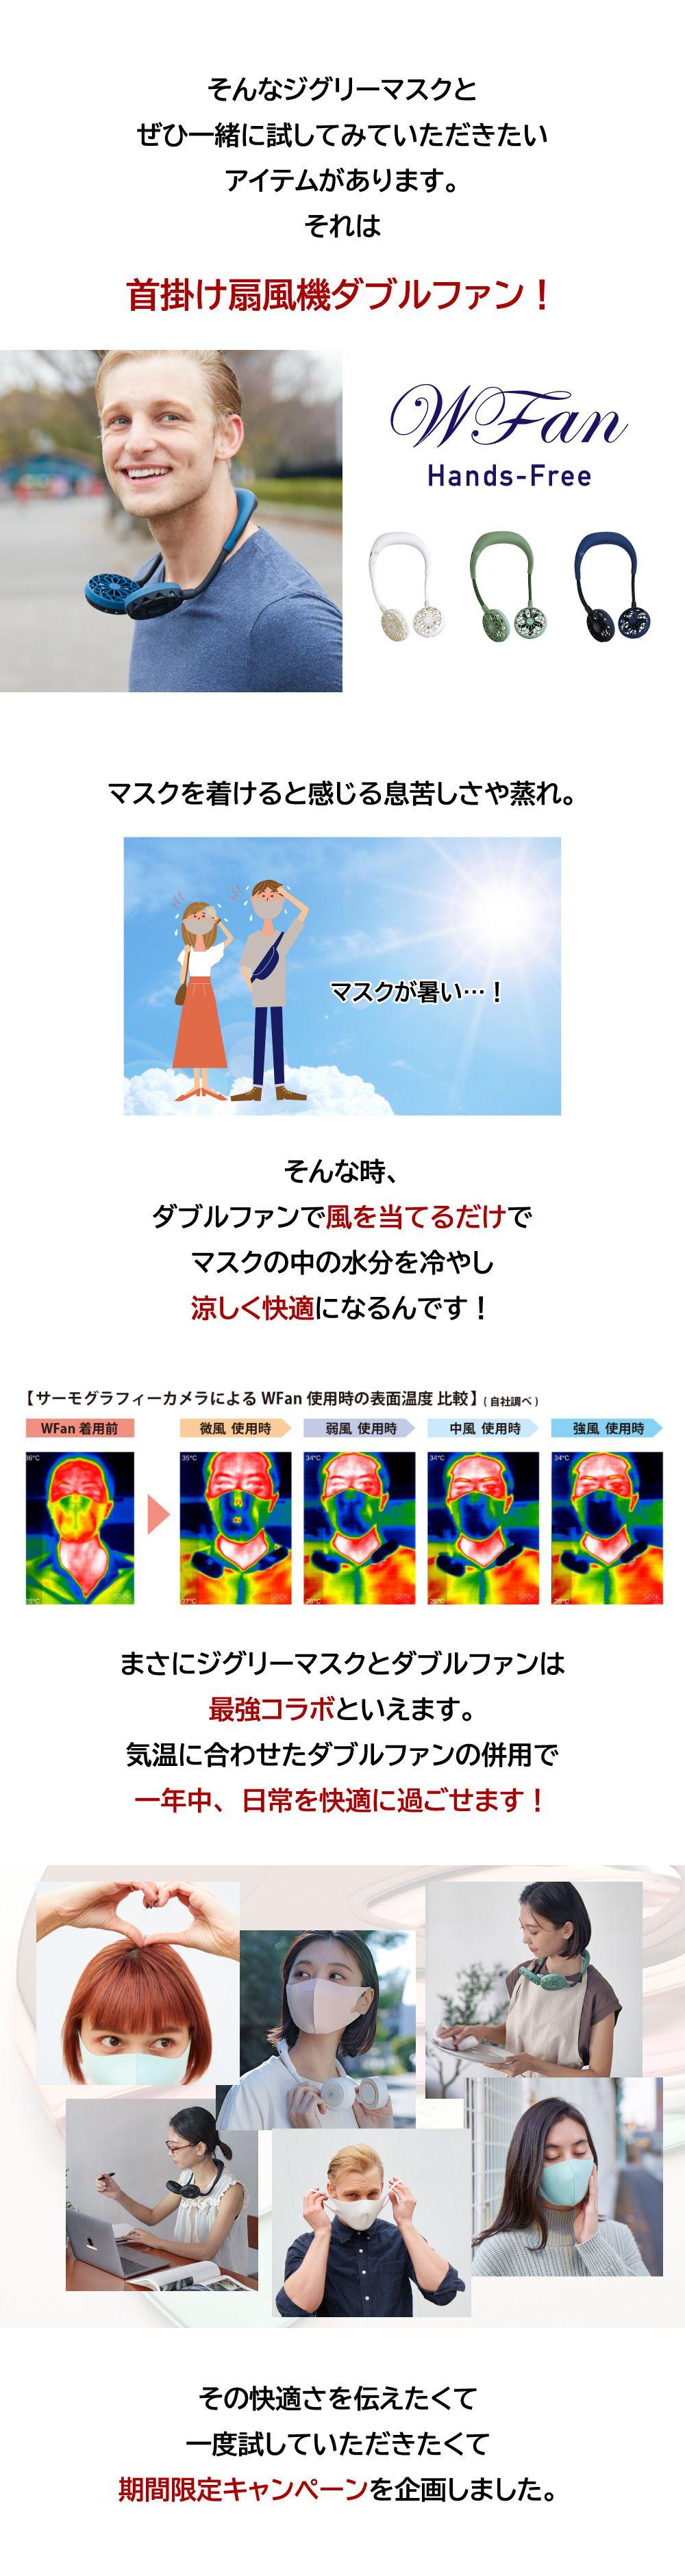 マスクに風体感キャンペーン